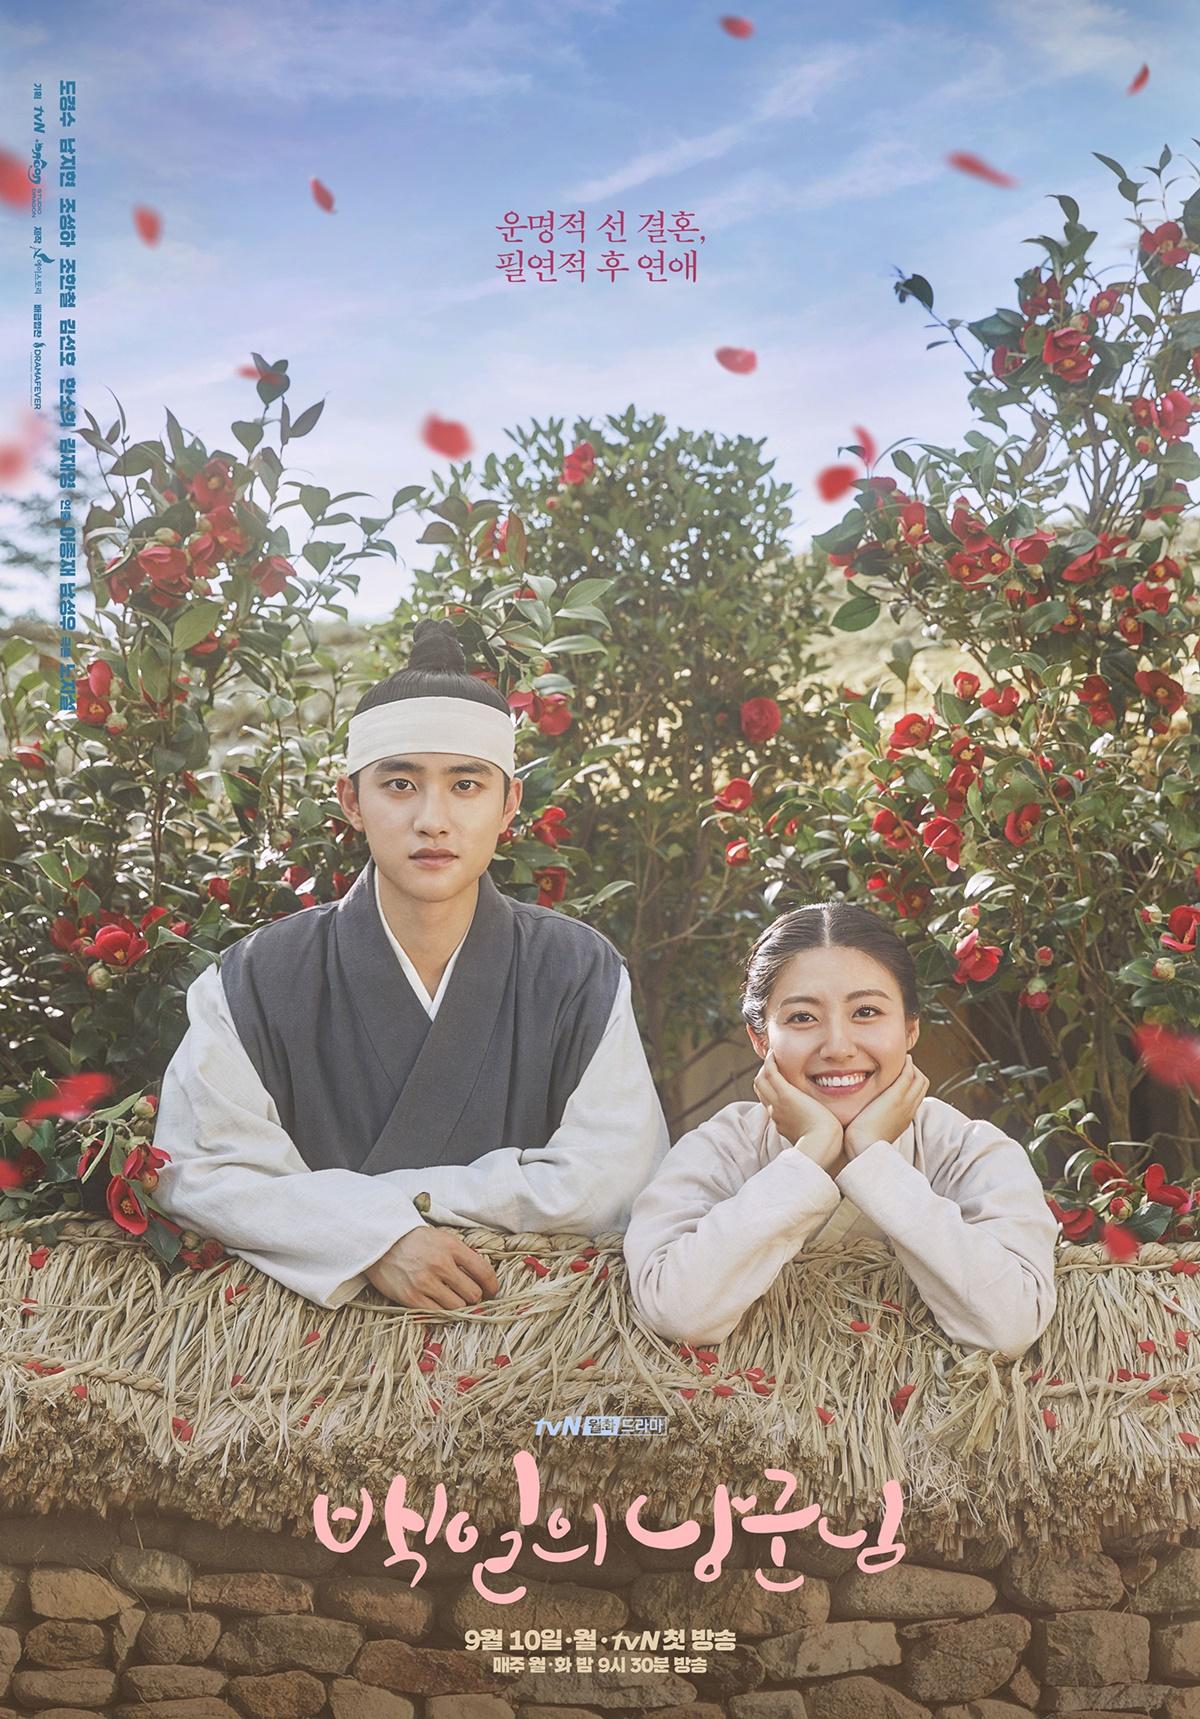 """2018 100 Days My Prince مشاهدة الدراما الكورية """"أميري لـ 100 يوم"""". تقرير عن الدراما +الأبطال+ حلقات مترجمة أونلاين. مسلسل أميري لـ 100 يوم مترجم"""